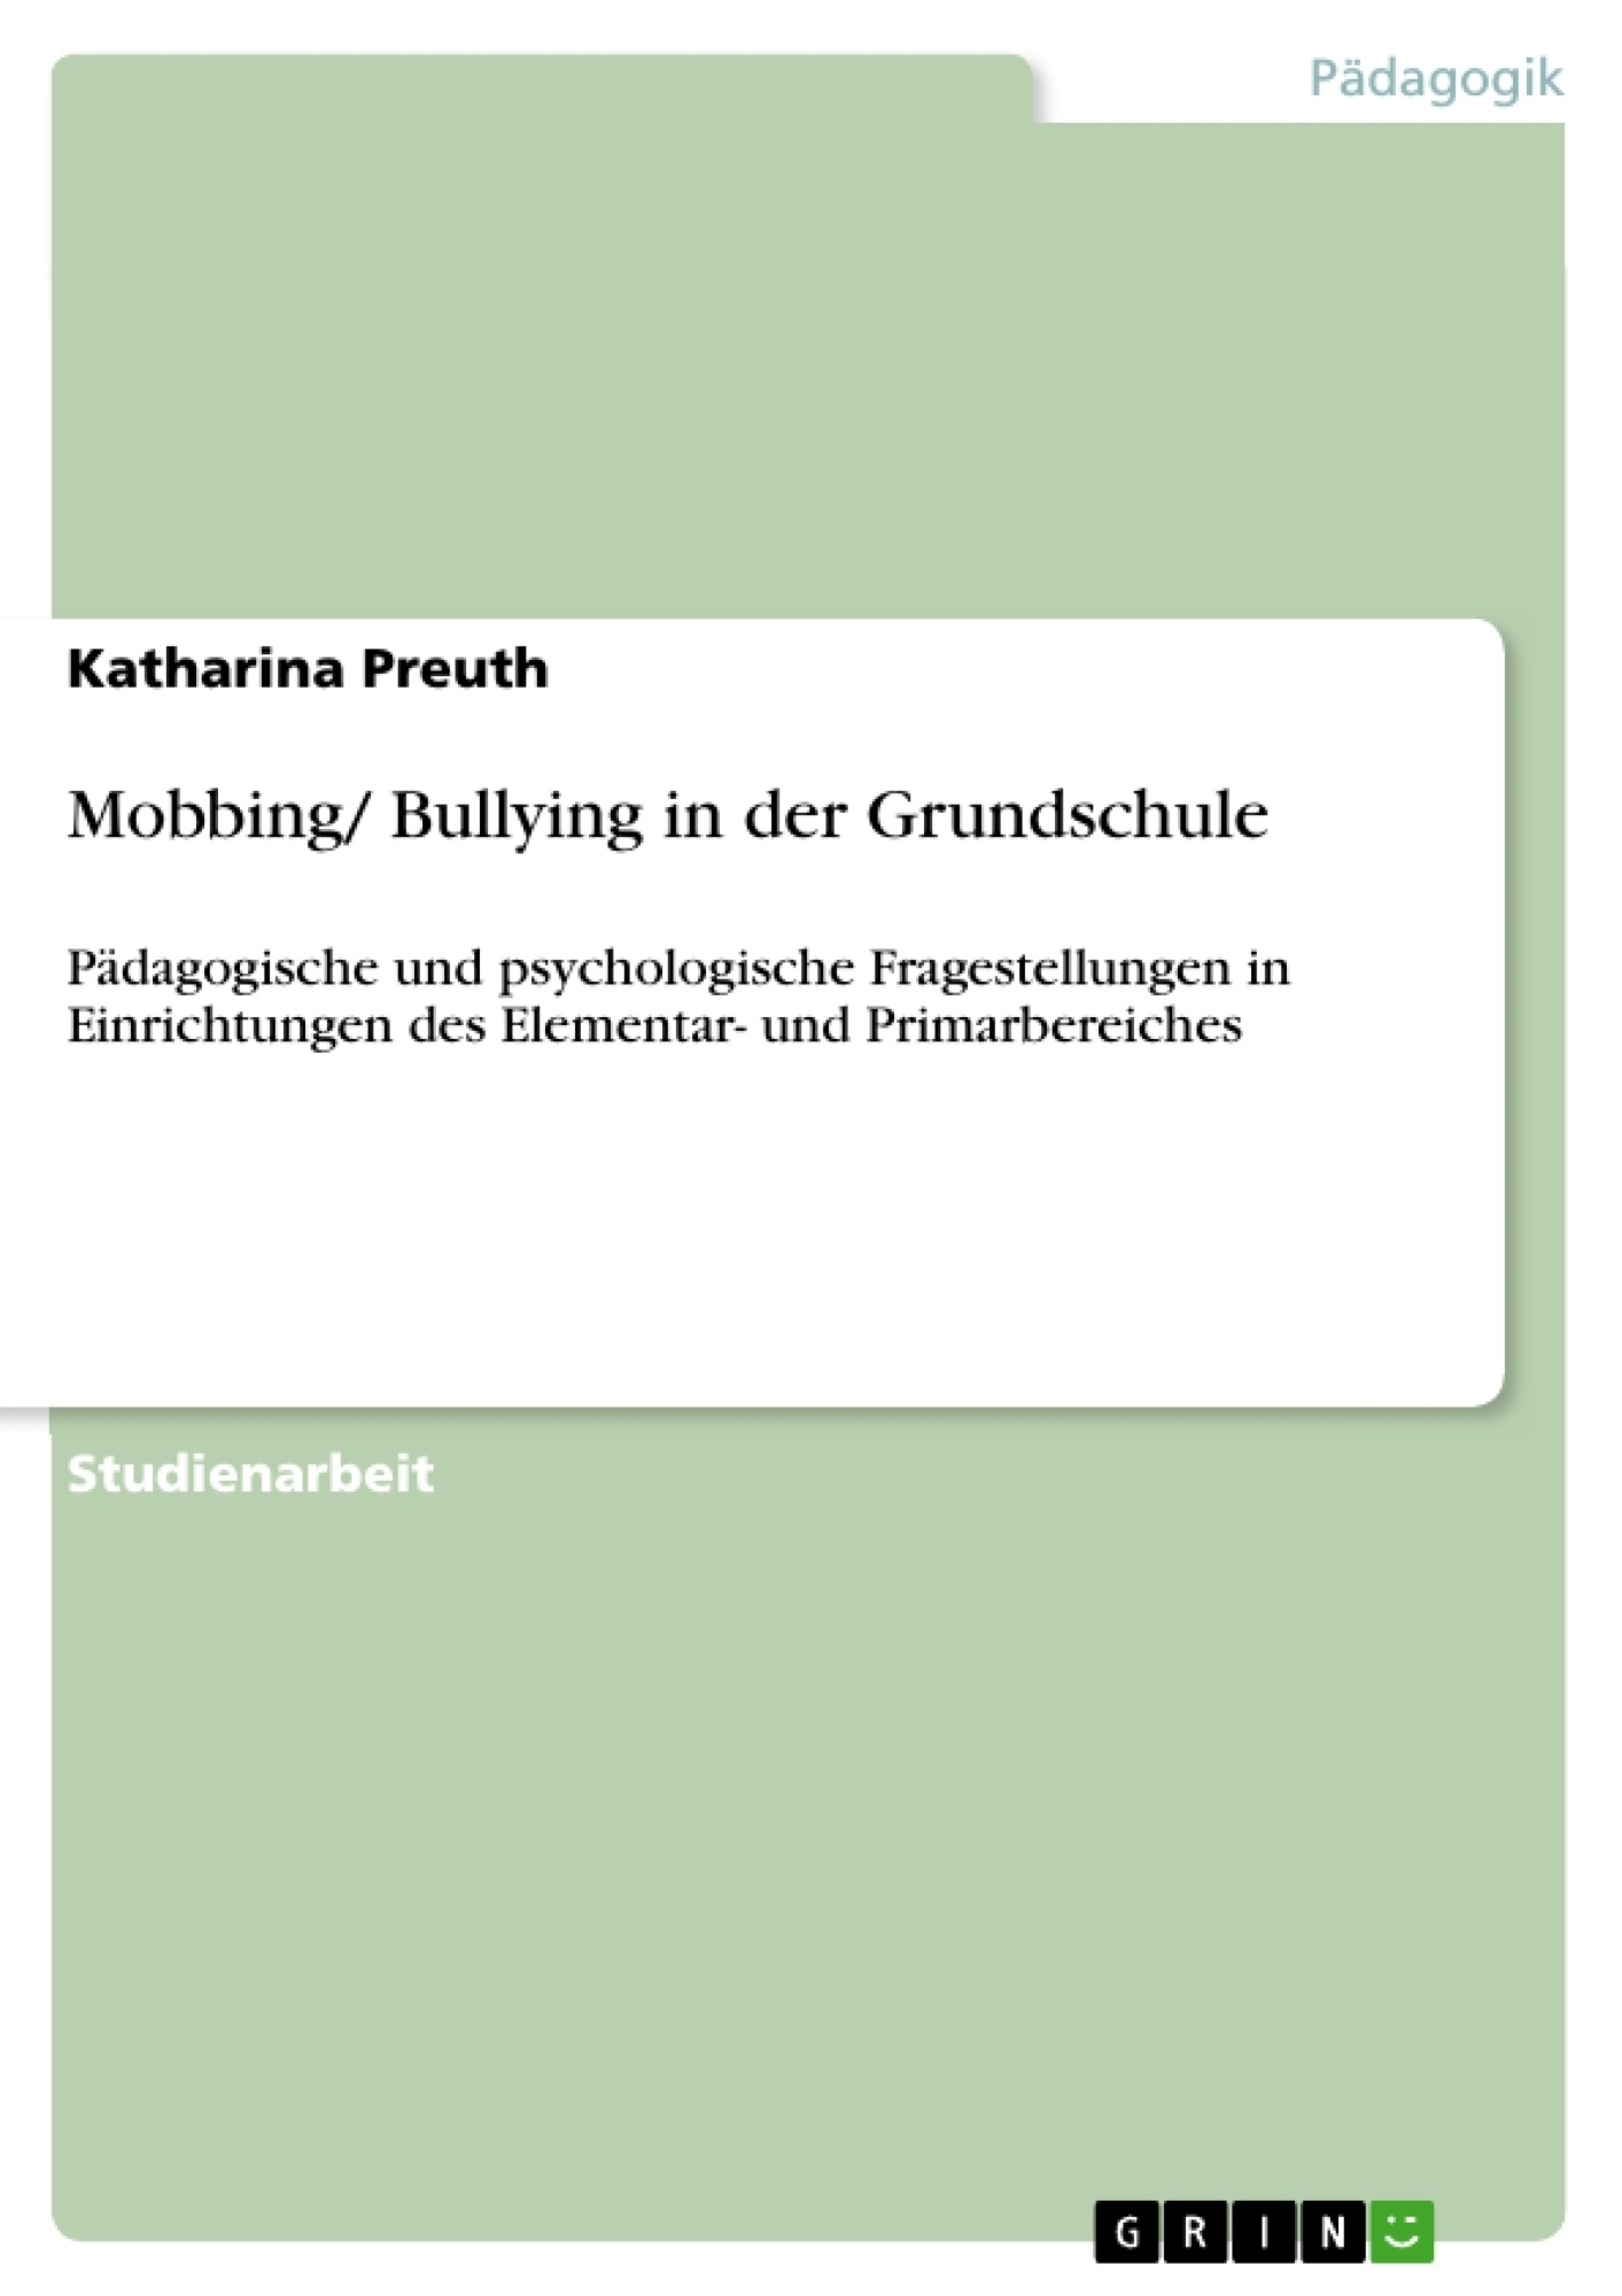 Titel: Mobbing/ Bullying in der Grundschule